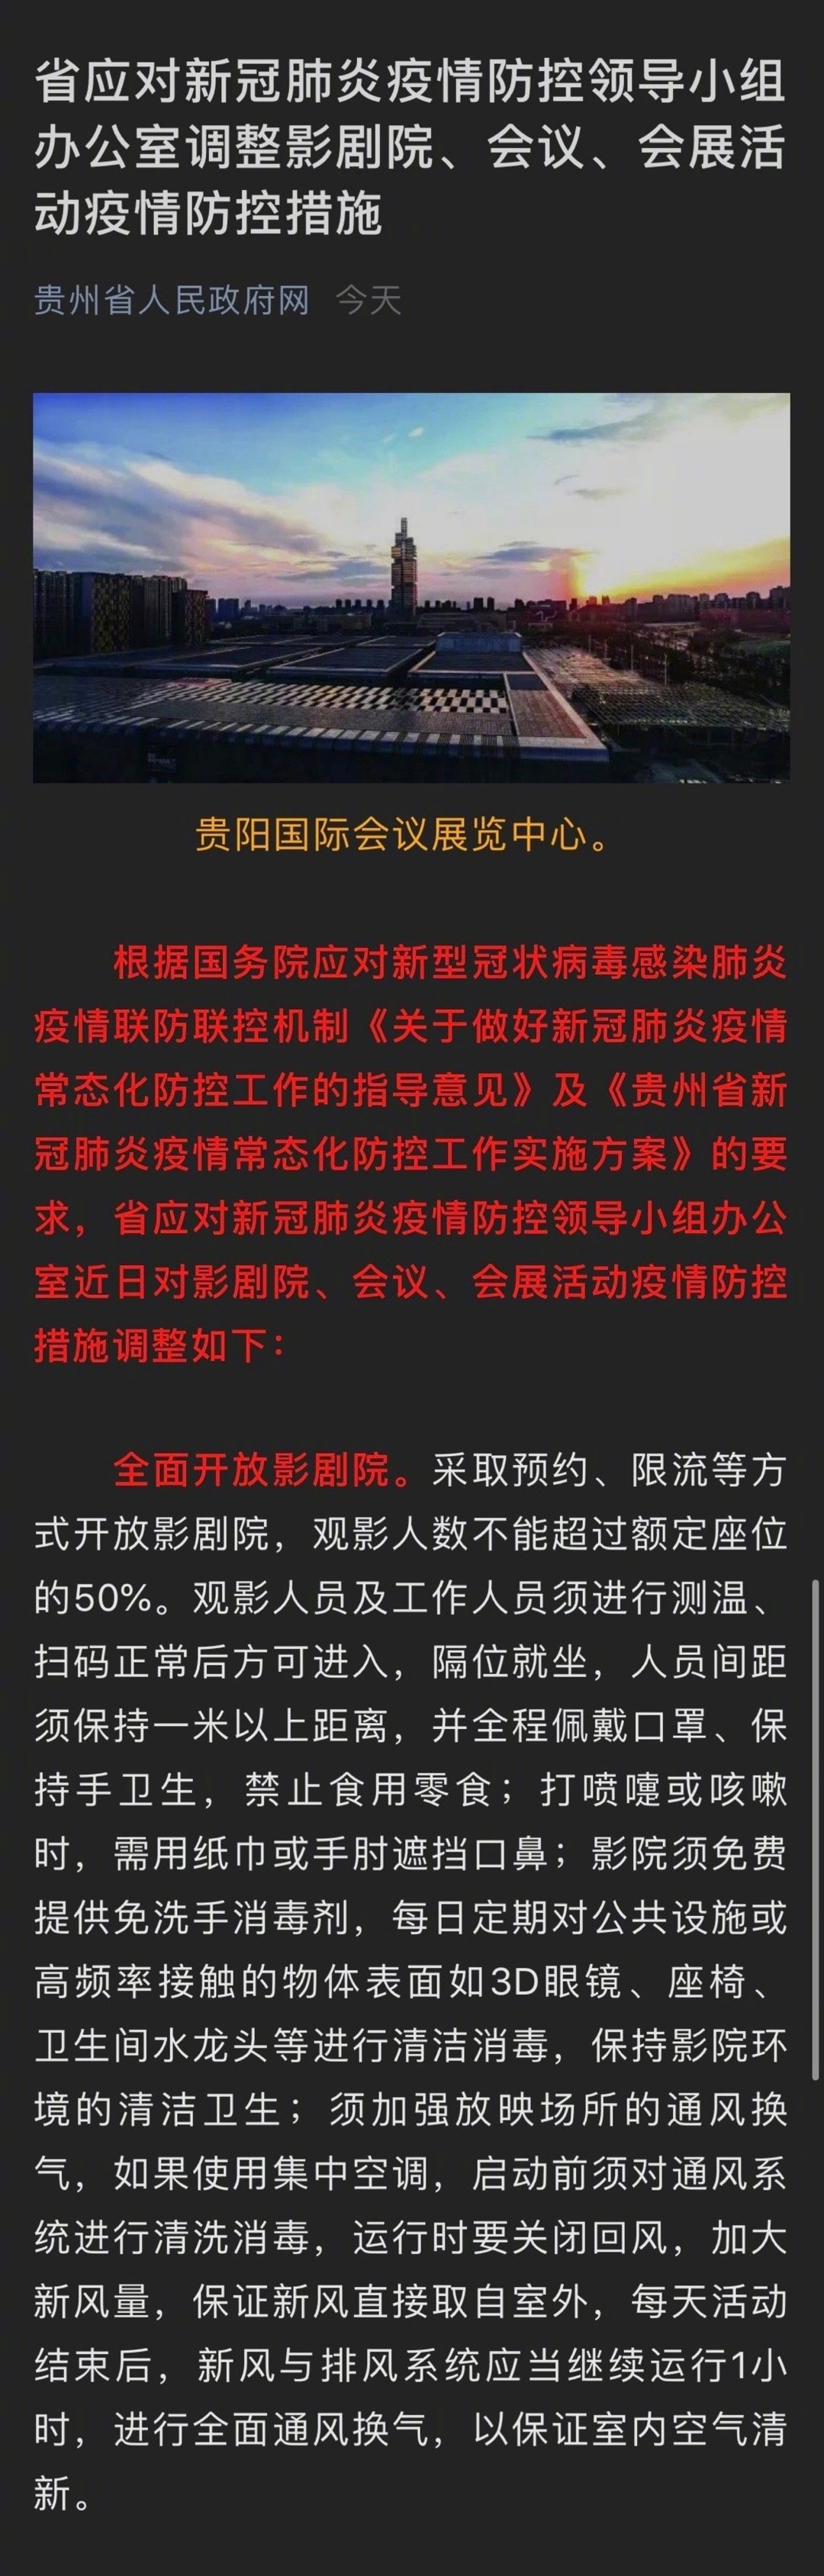 全国多个省份官宣开放电影院 将采取防疫措施